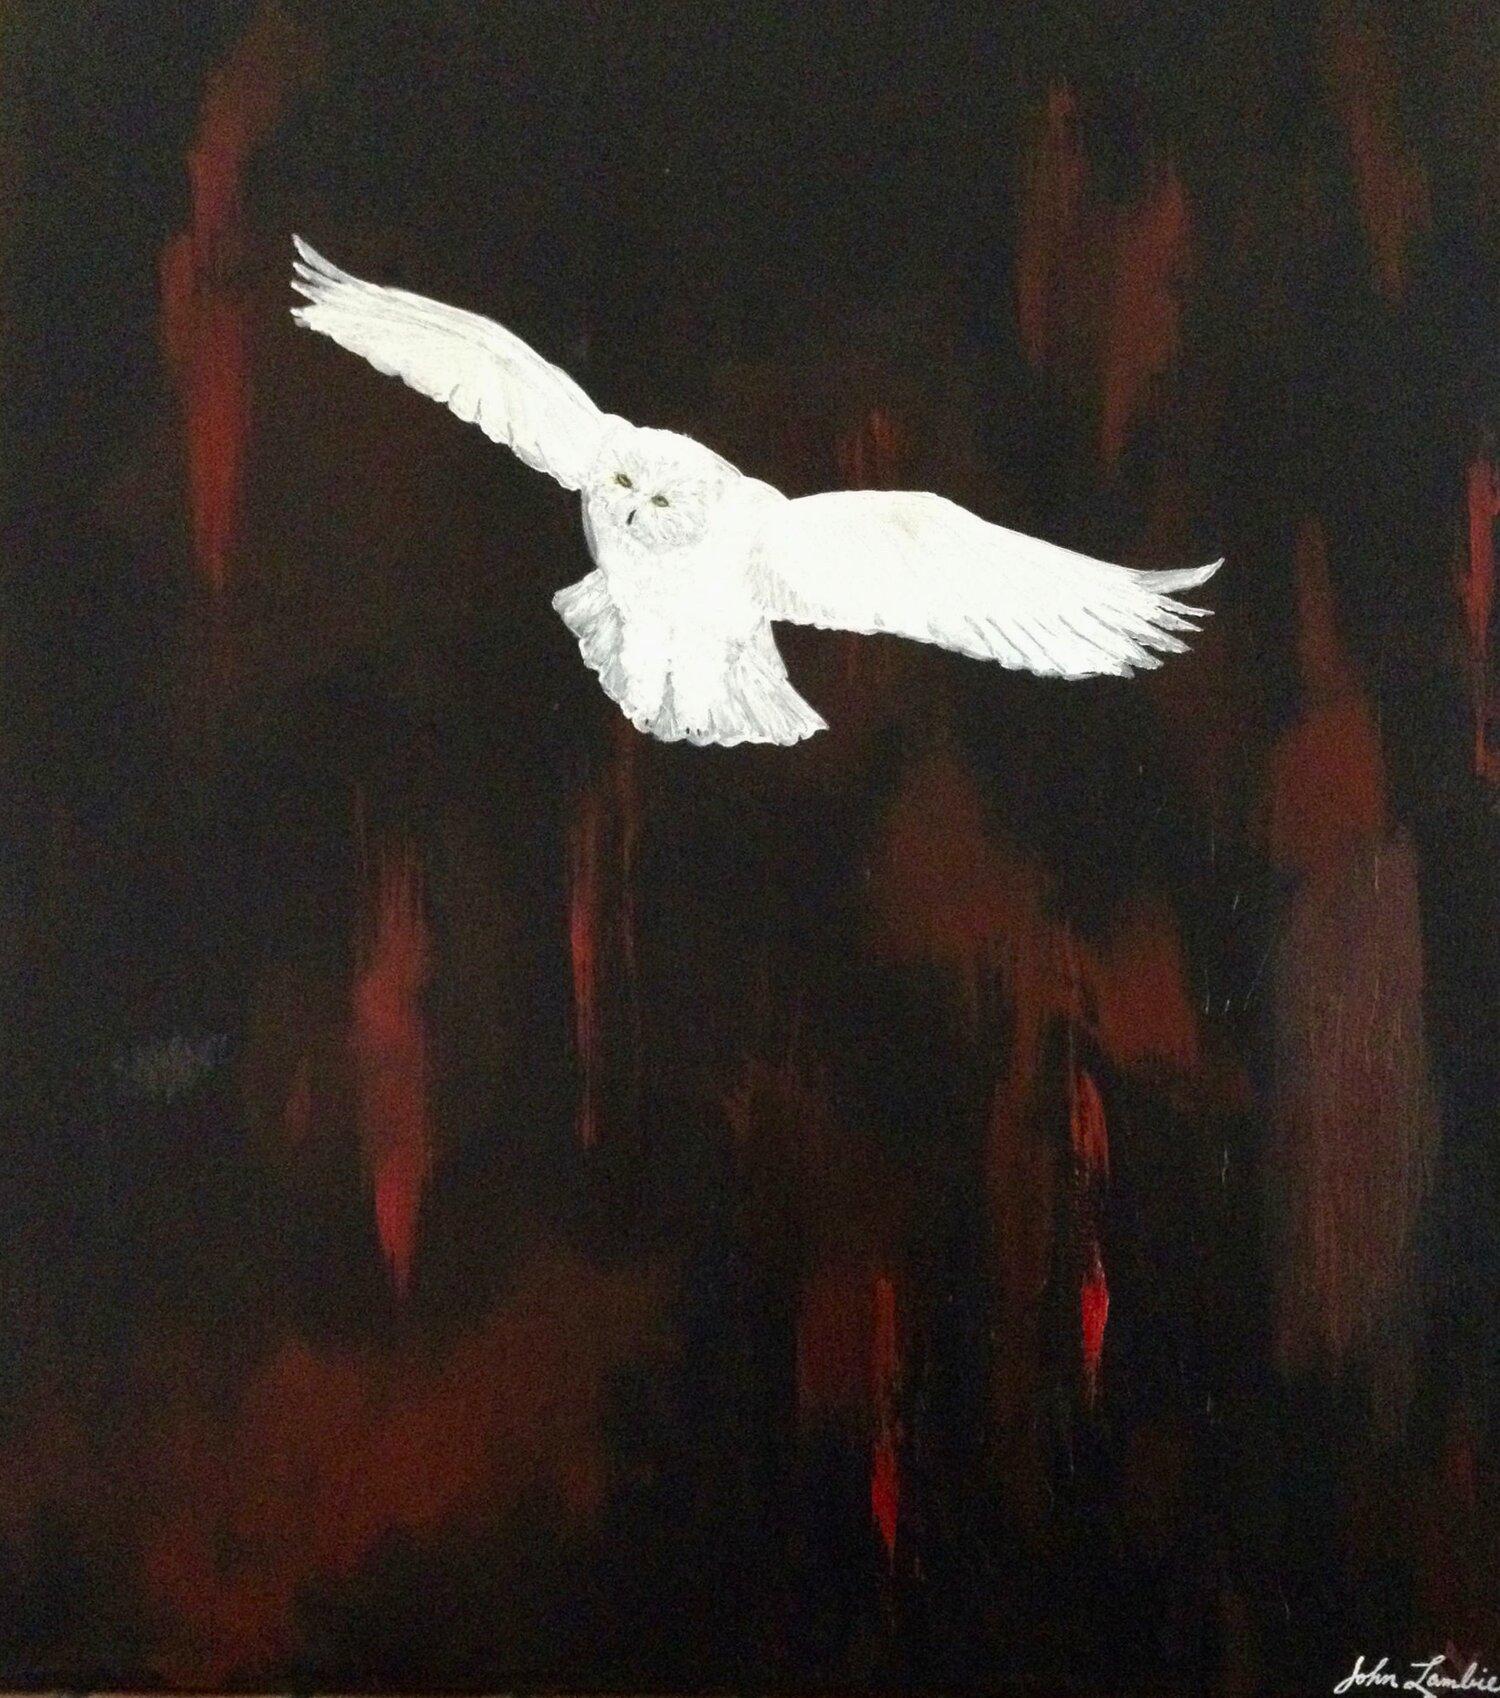 White Owl, Oil